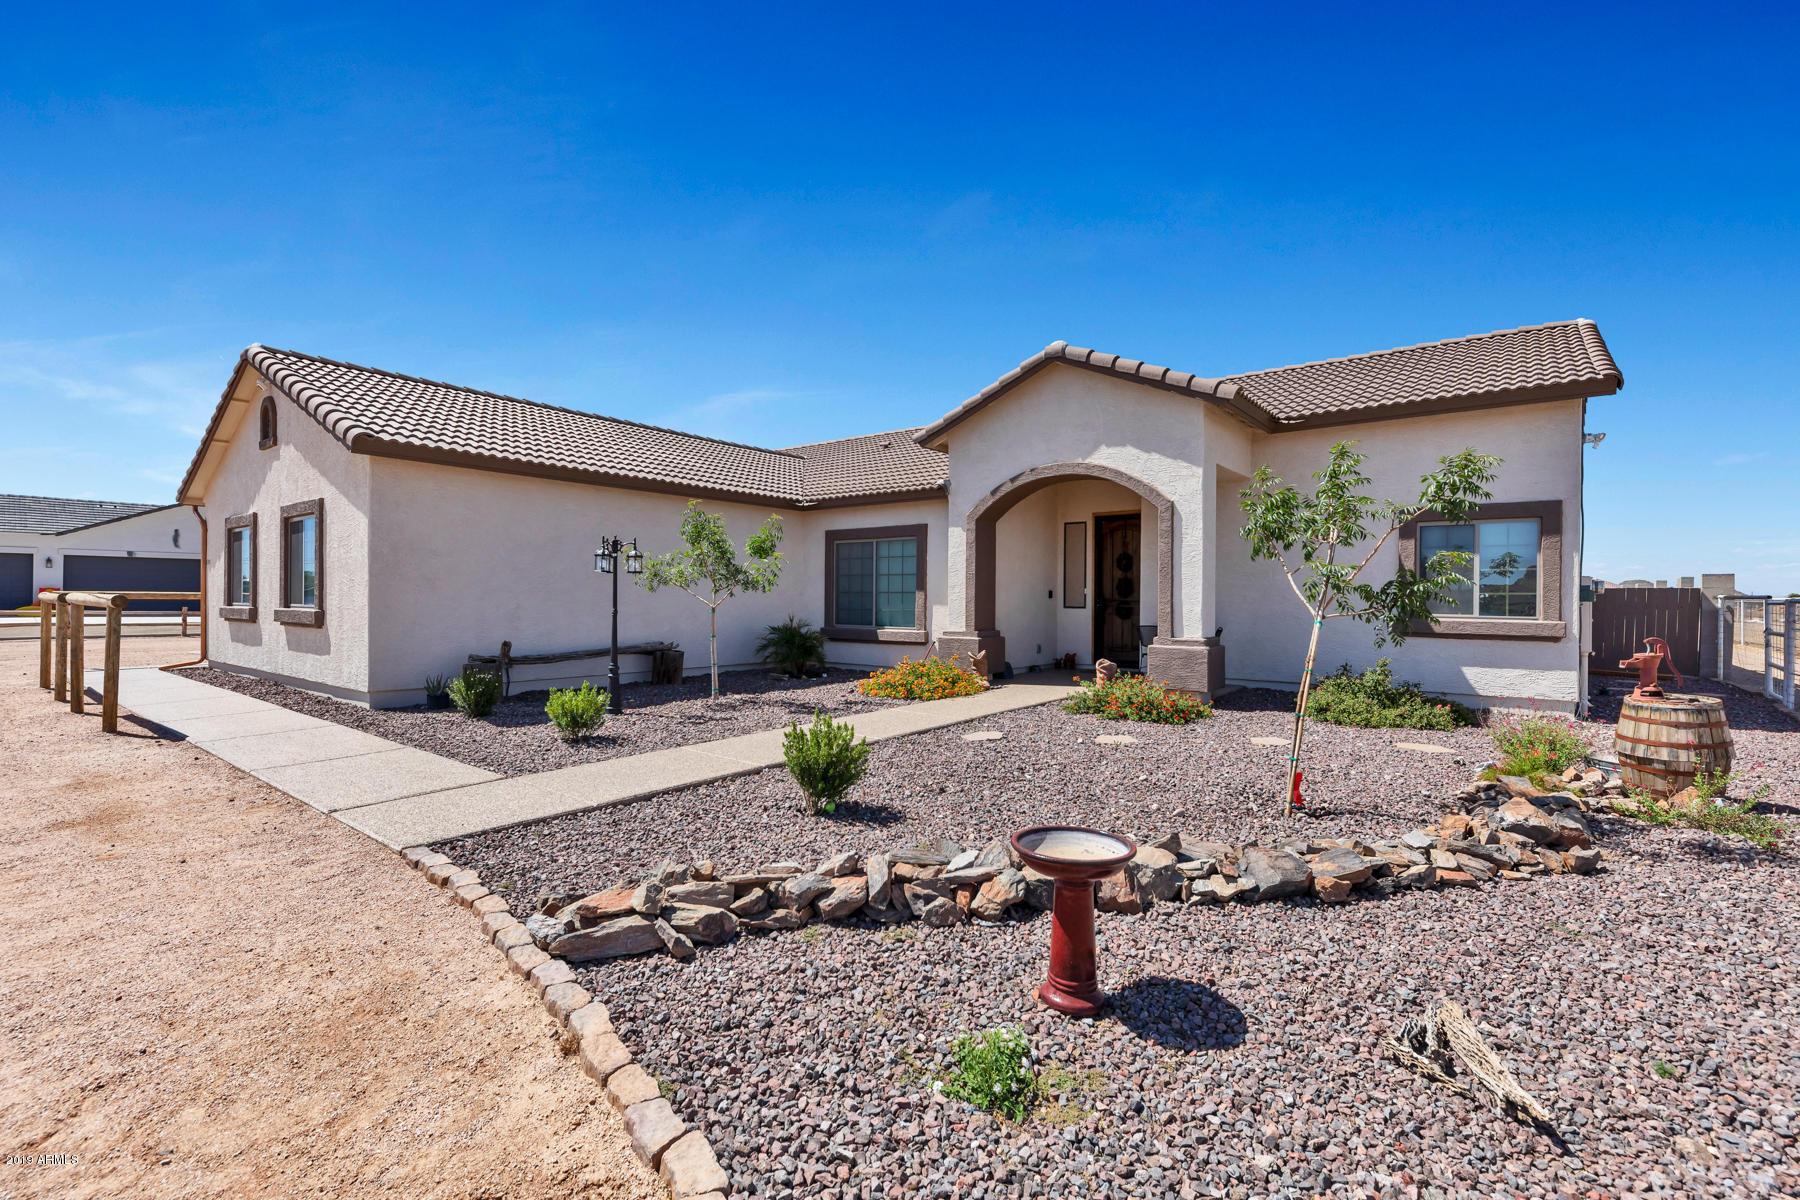 Photo of 898 W RHONDA VIEW Road, San Tan Valley, AZ 85143